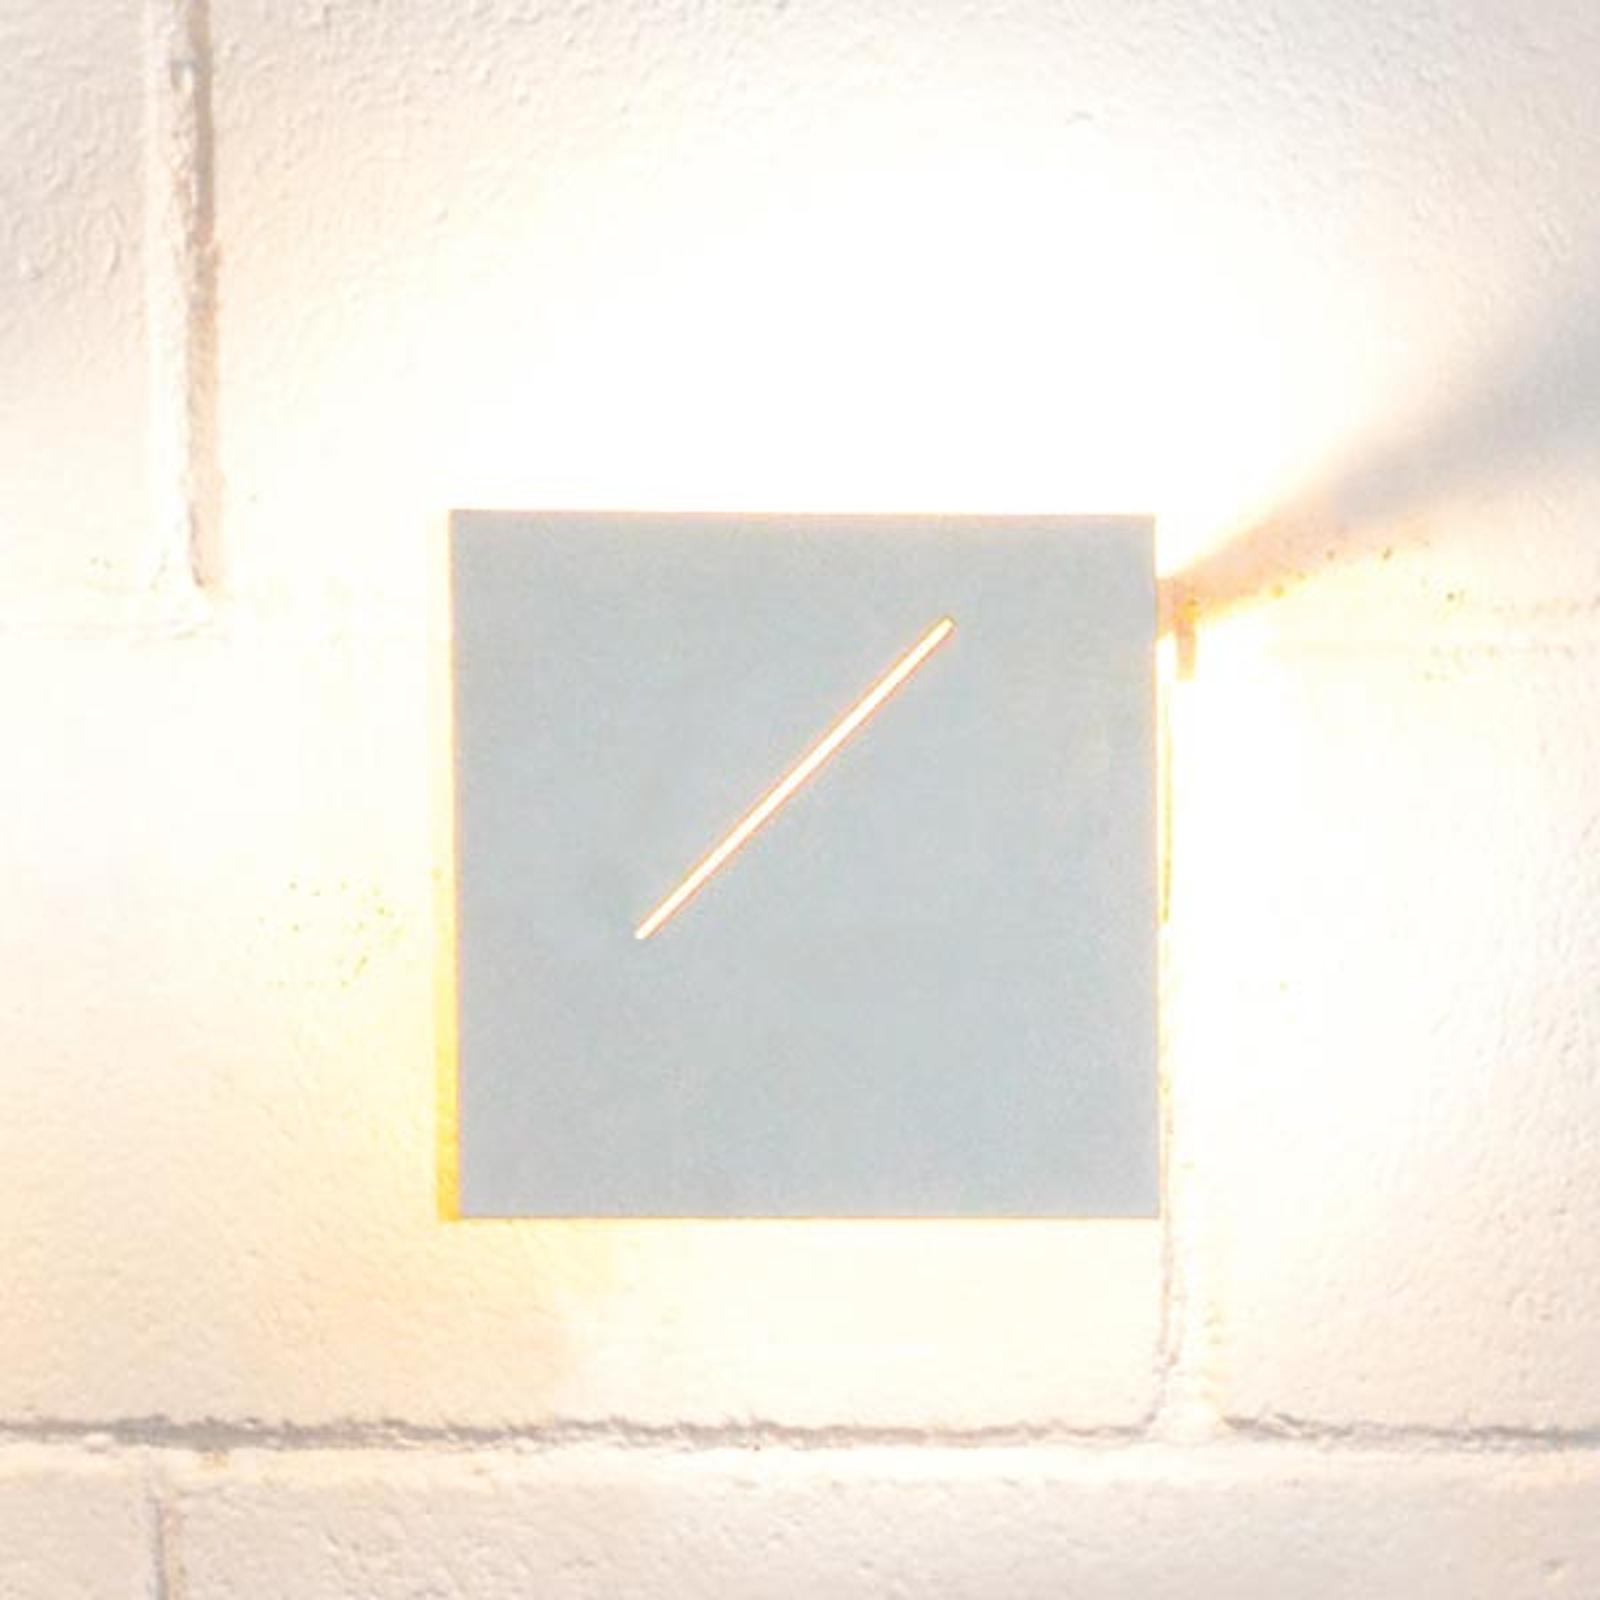 Knikerboker Des.agn - applique LED blanche